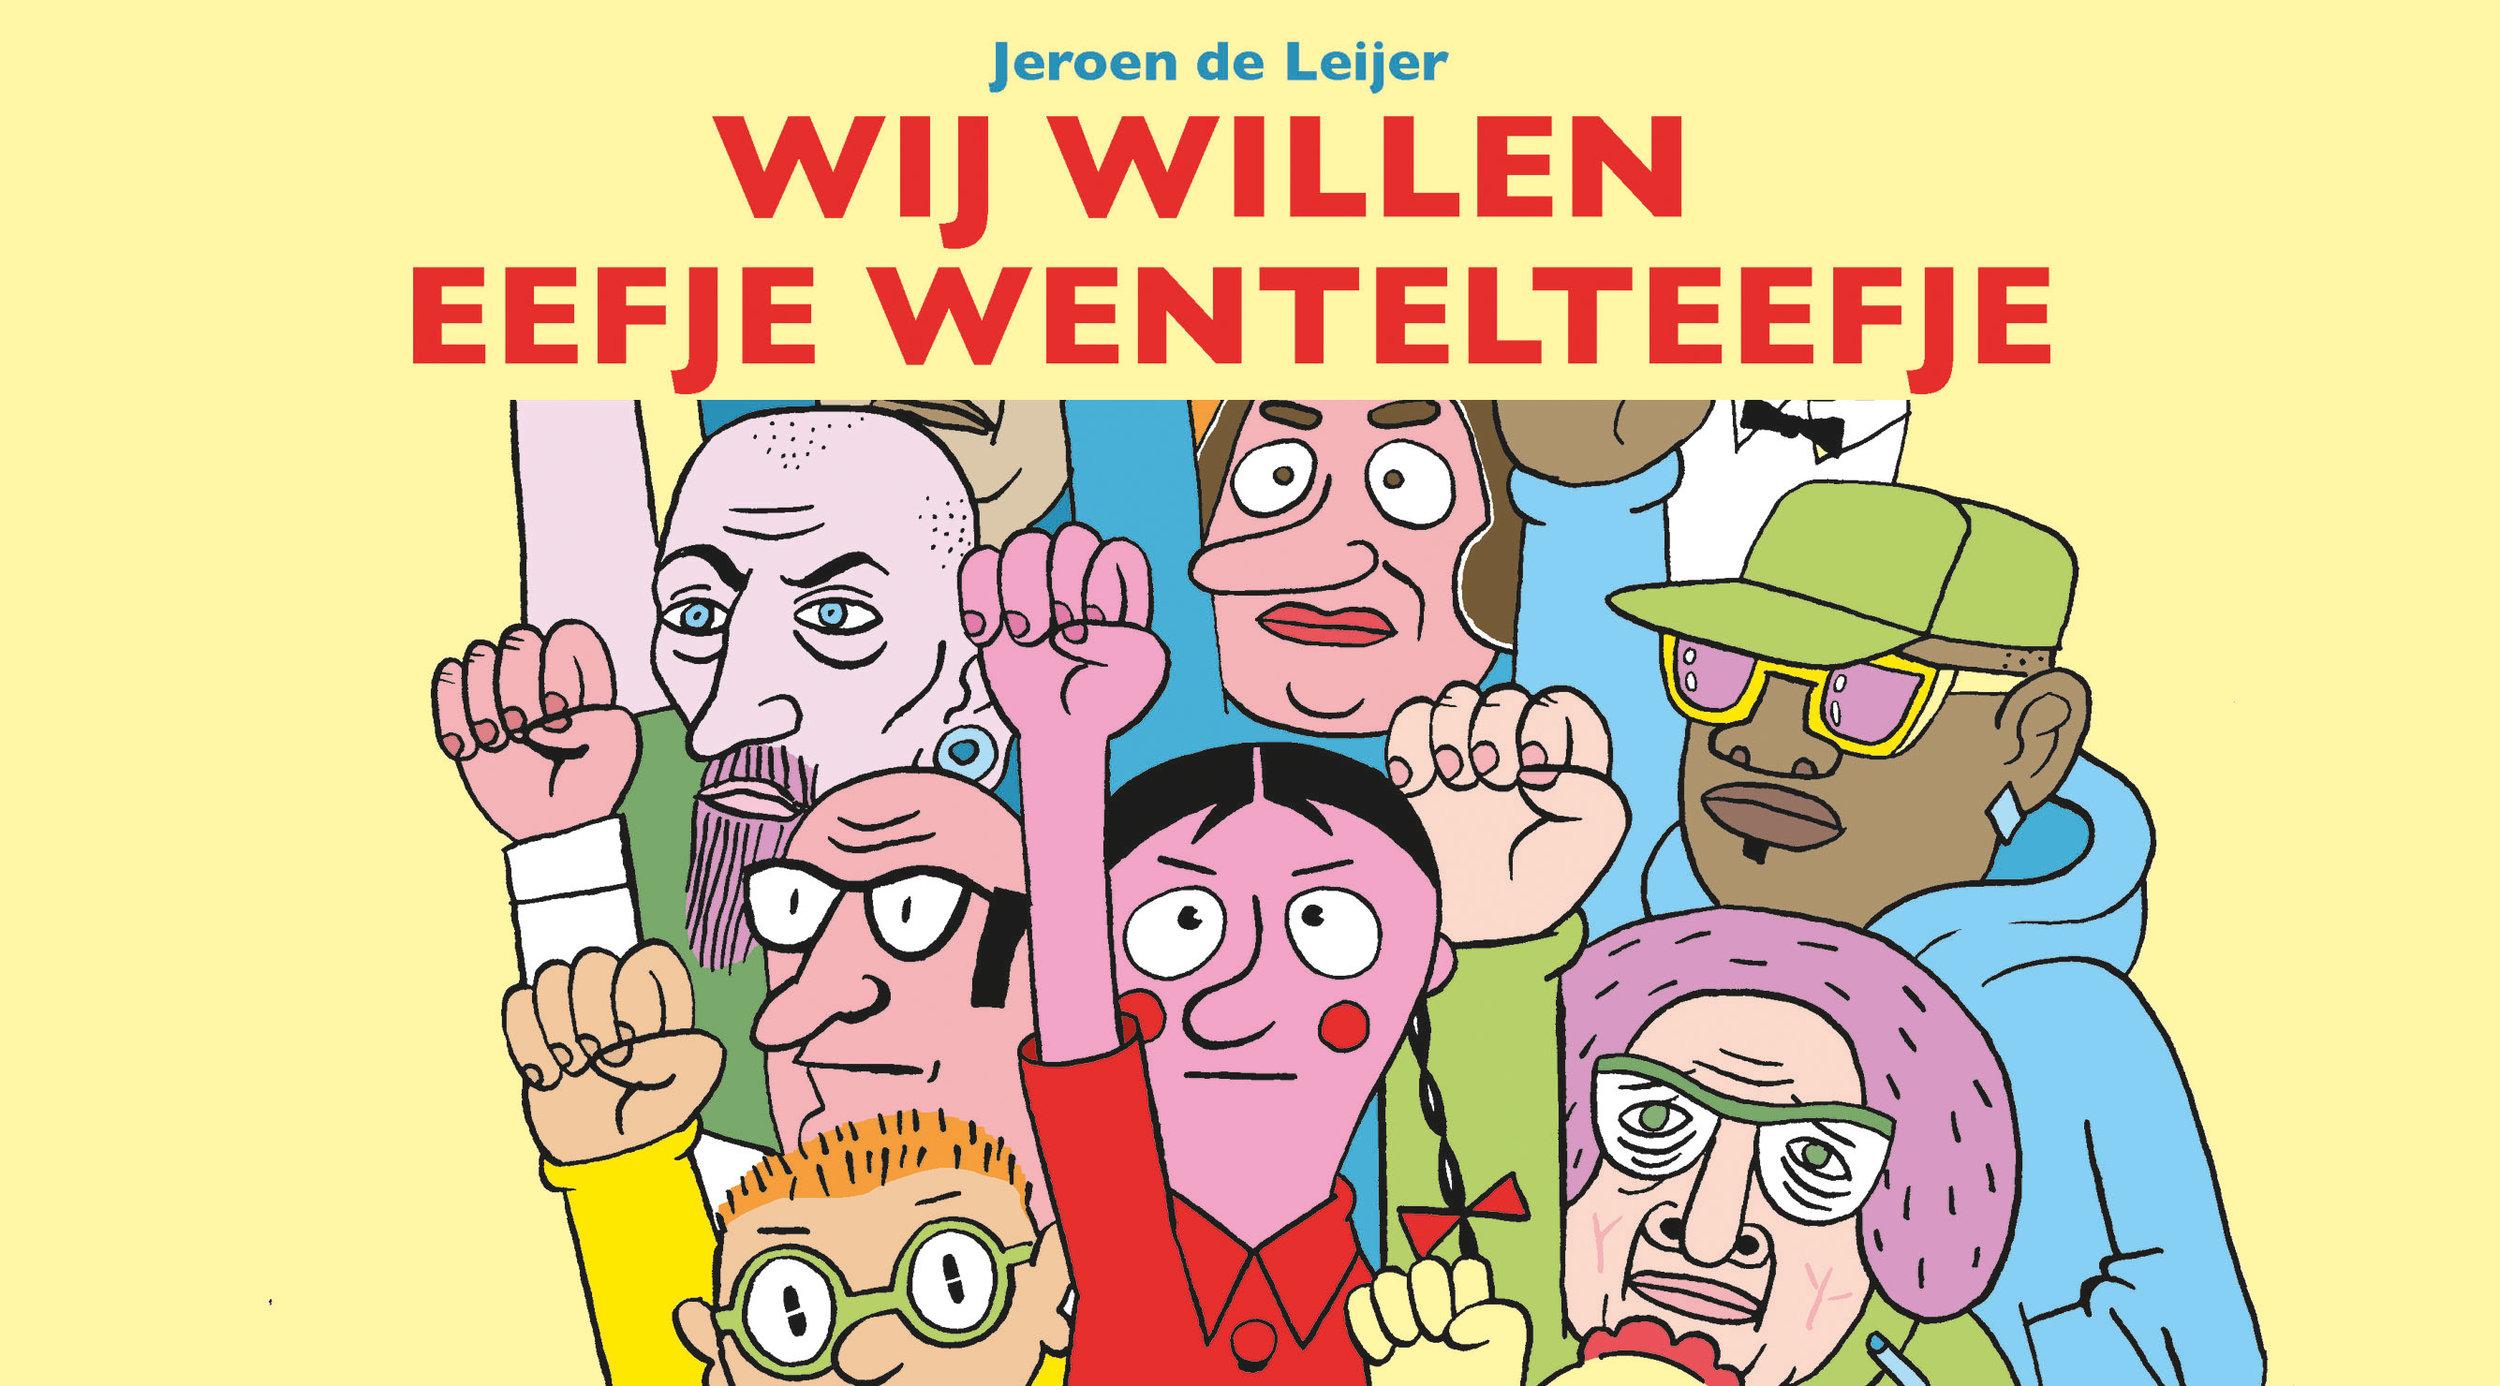 stripalbum WIJ WILLEN EEFJE WENTELTEEFJE